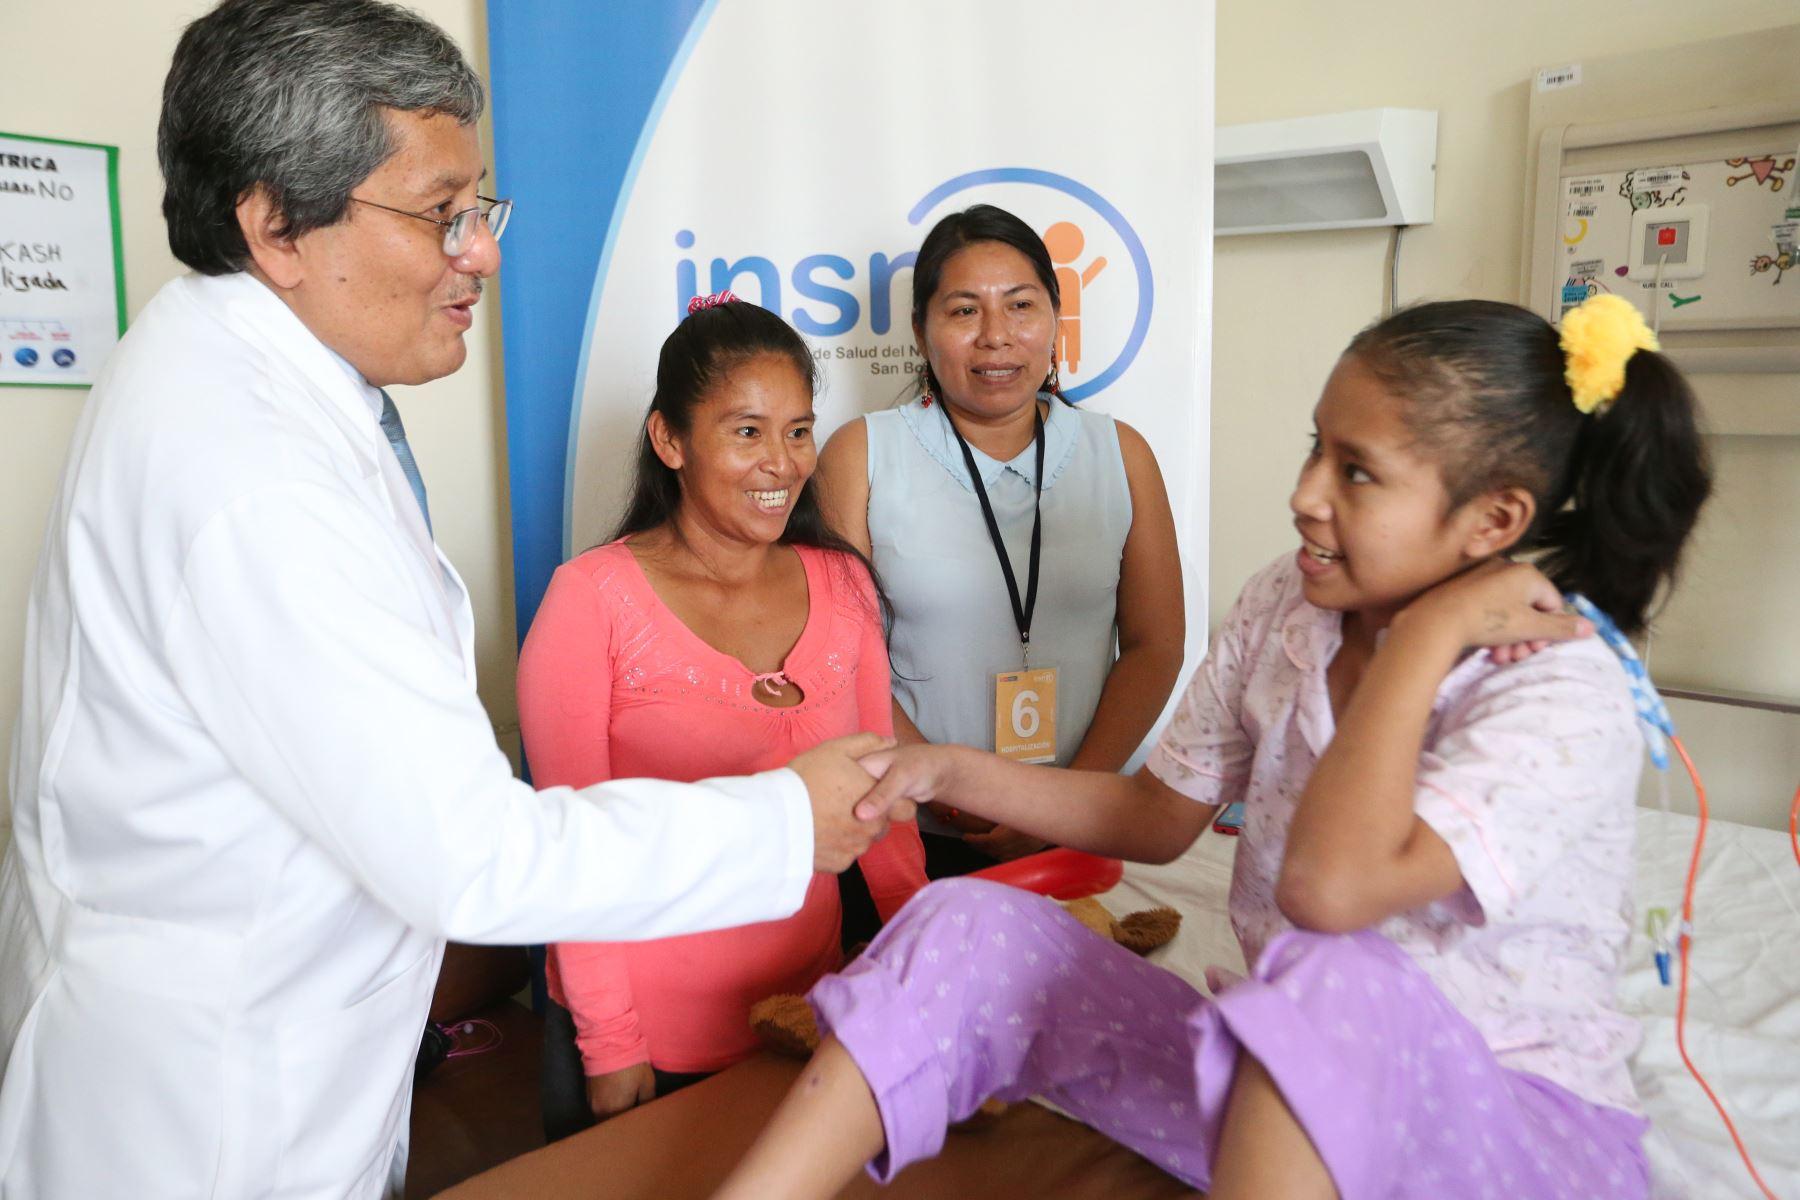 La intérprete en lenguas originarias facilita la comunicación entre médico, padres de familia y pacientes. Foto: ANDINA/Eddy Ramos